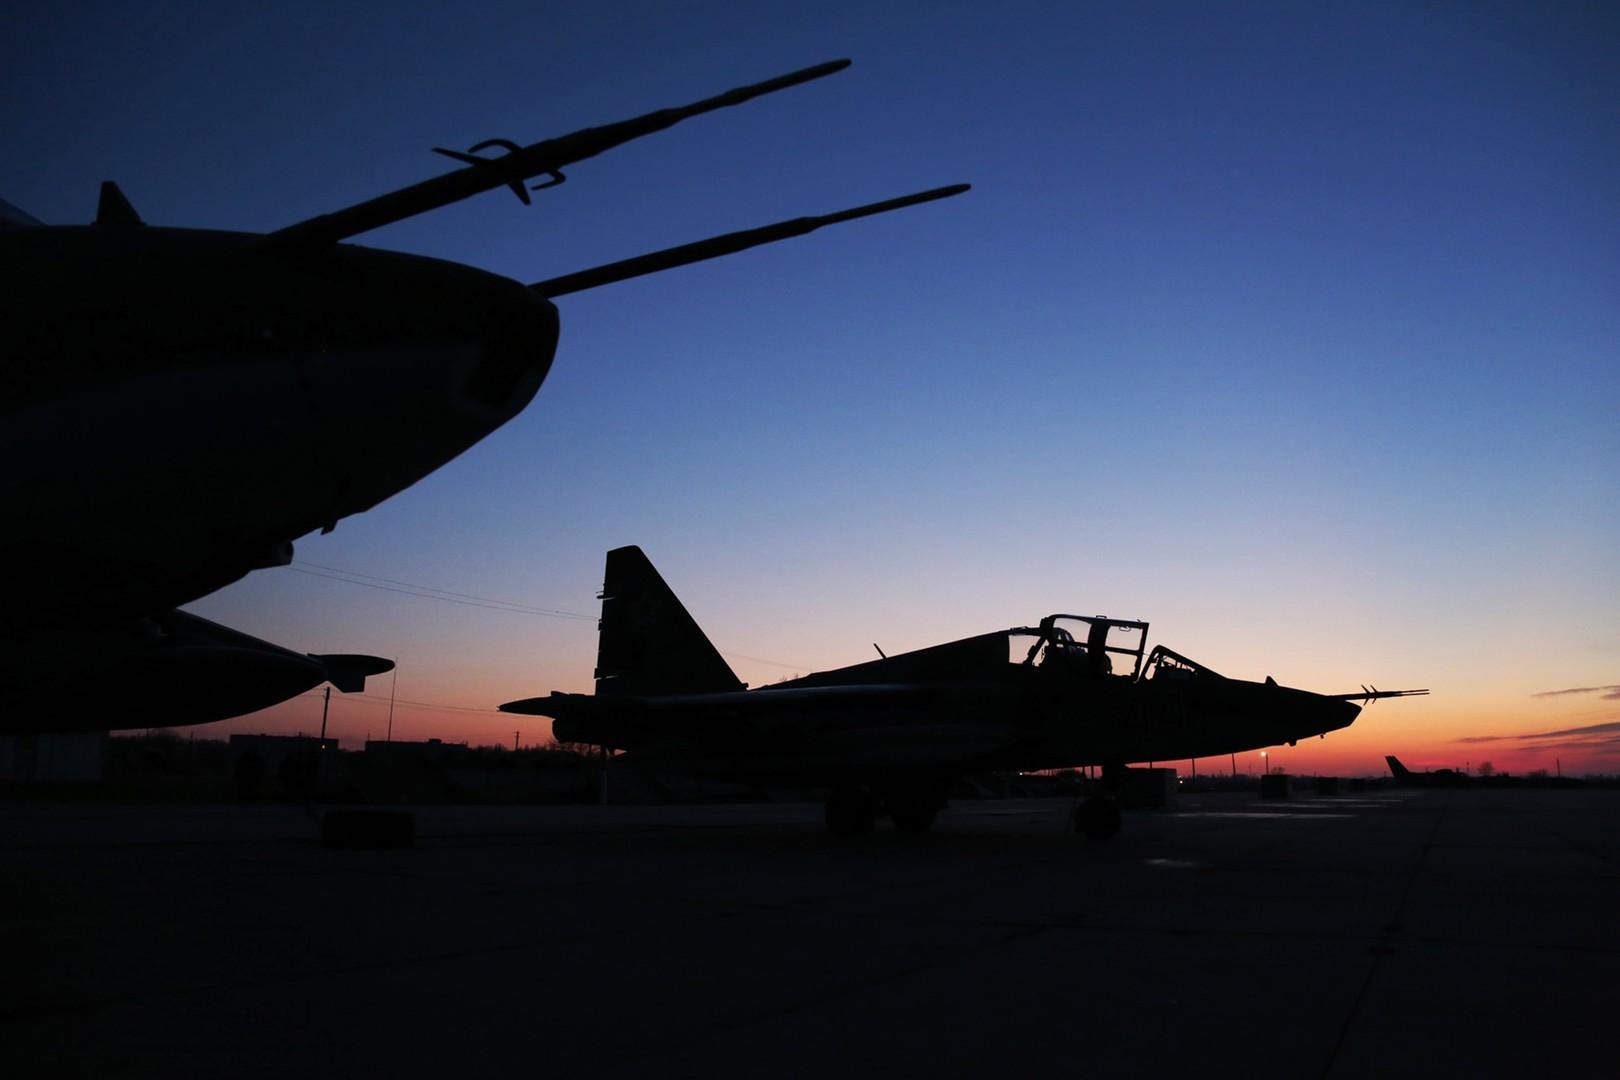 طائرات روسية في قاعدة حميميم بسوريا